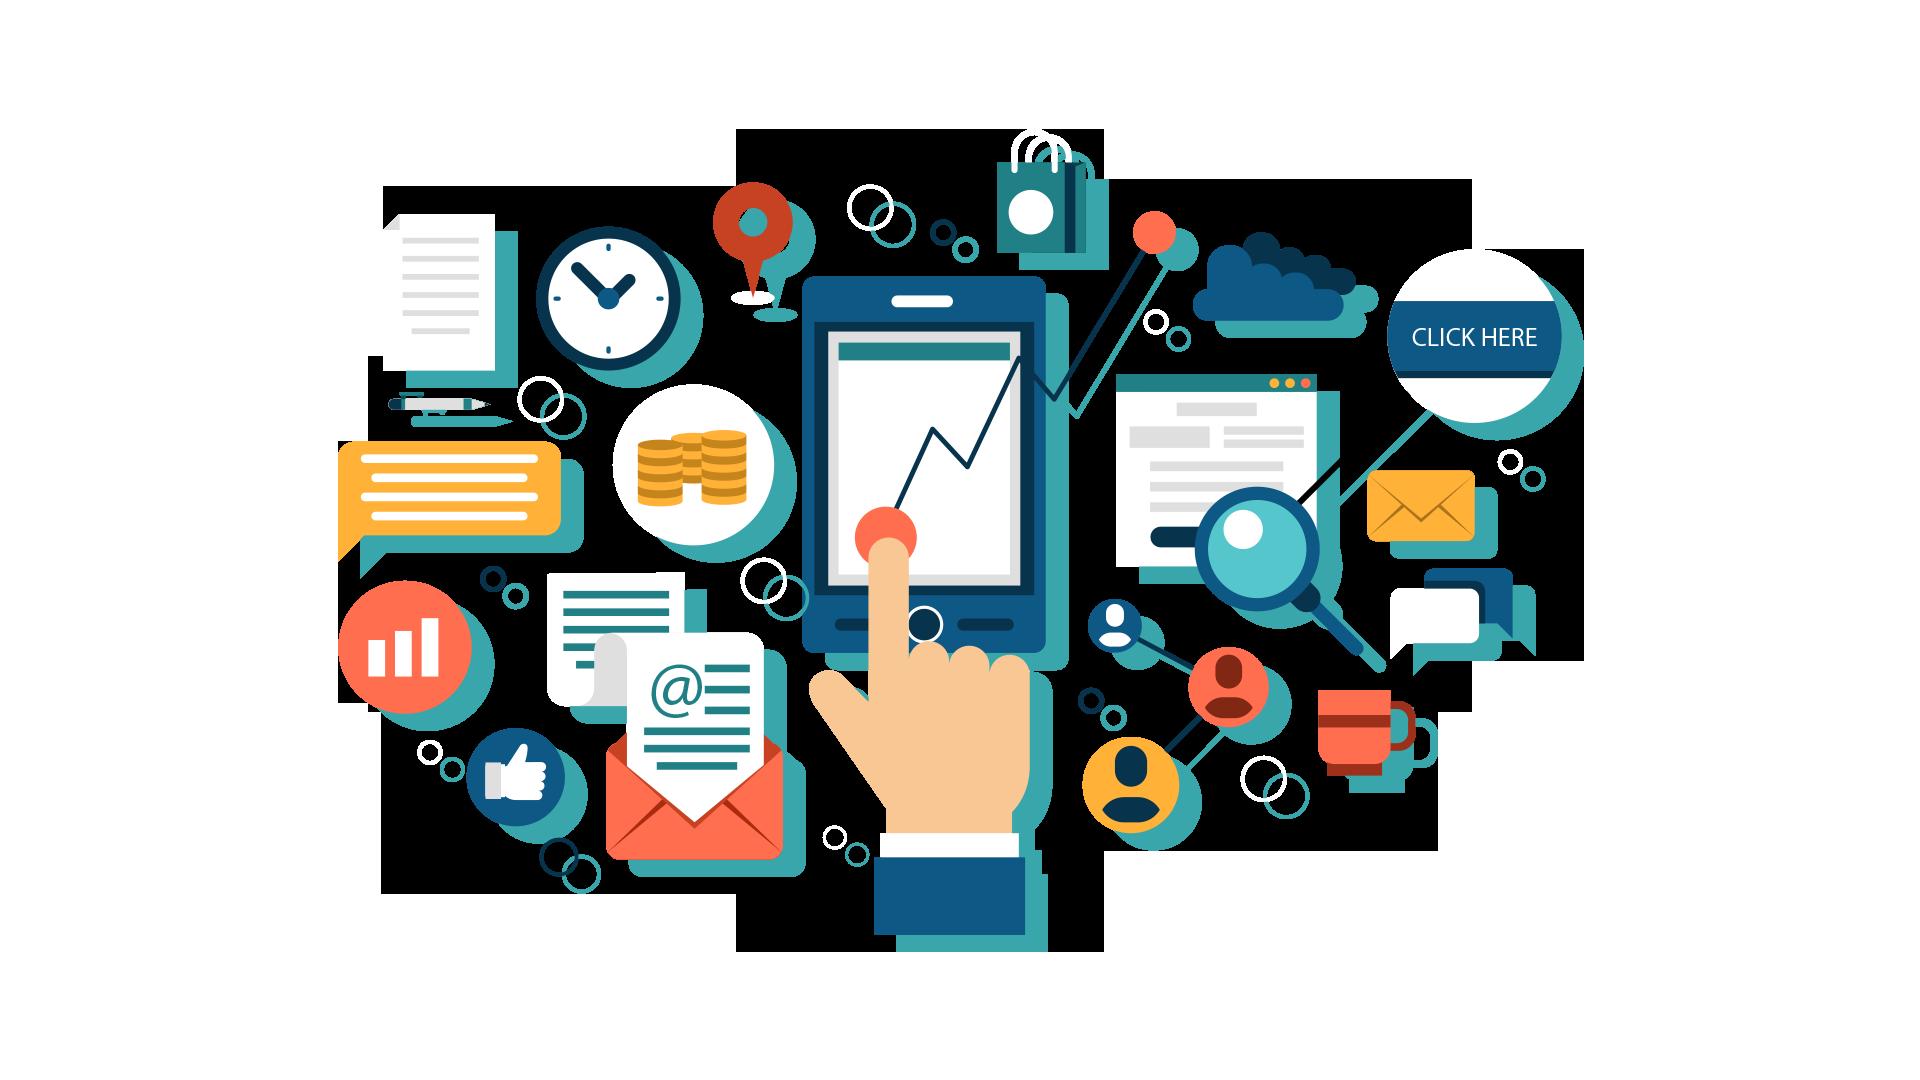 Những thống kê quan trọng về Digital Marketing năm 2020 (Phần 1) - Trang  thông tin về OTA - Du lịch - Khách sạn - hàng đầu Việt Nam